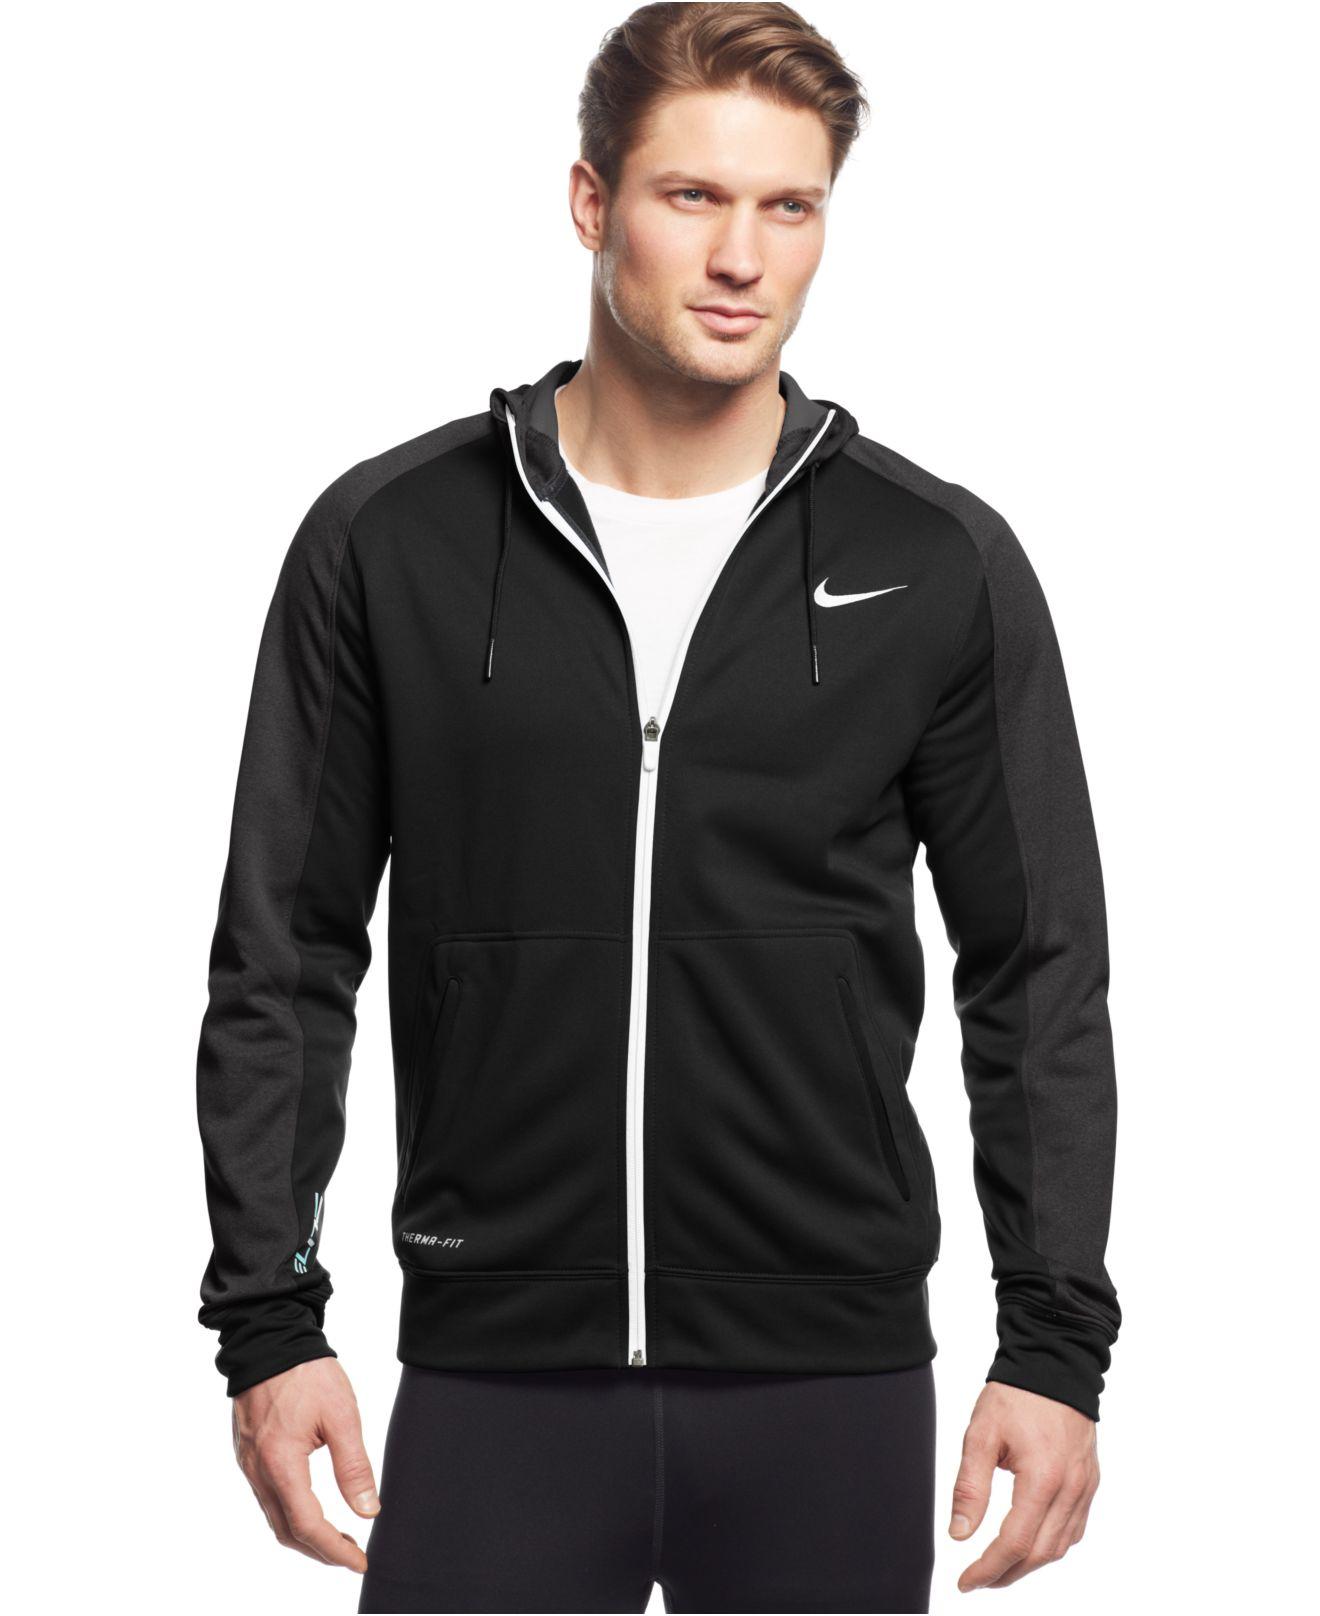 a10692f74 Nike Elite Stripe Full-zip Therma-fit Hoodie in Black for Men - Lyst